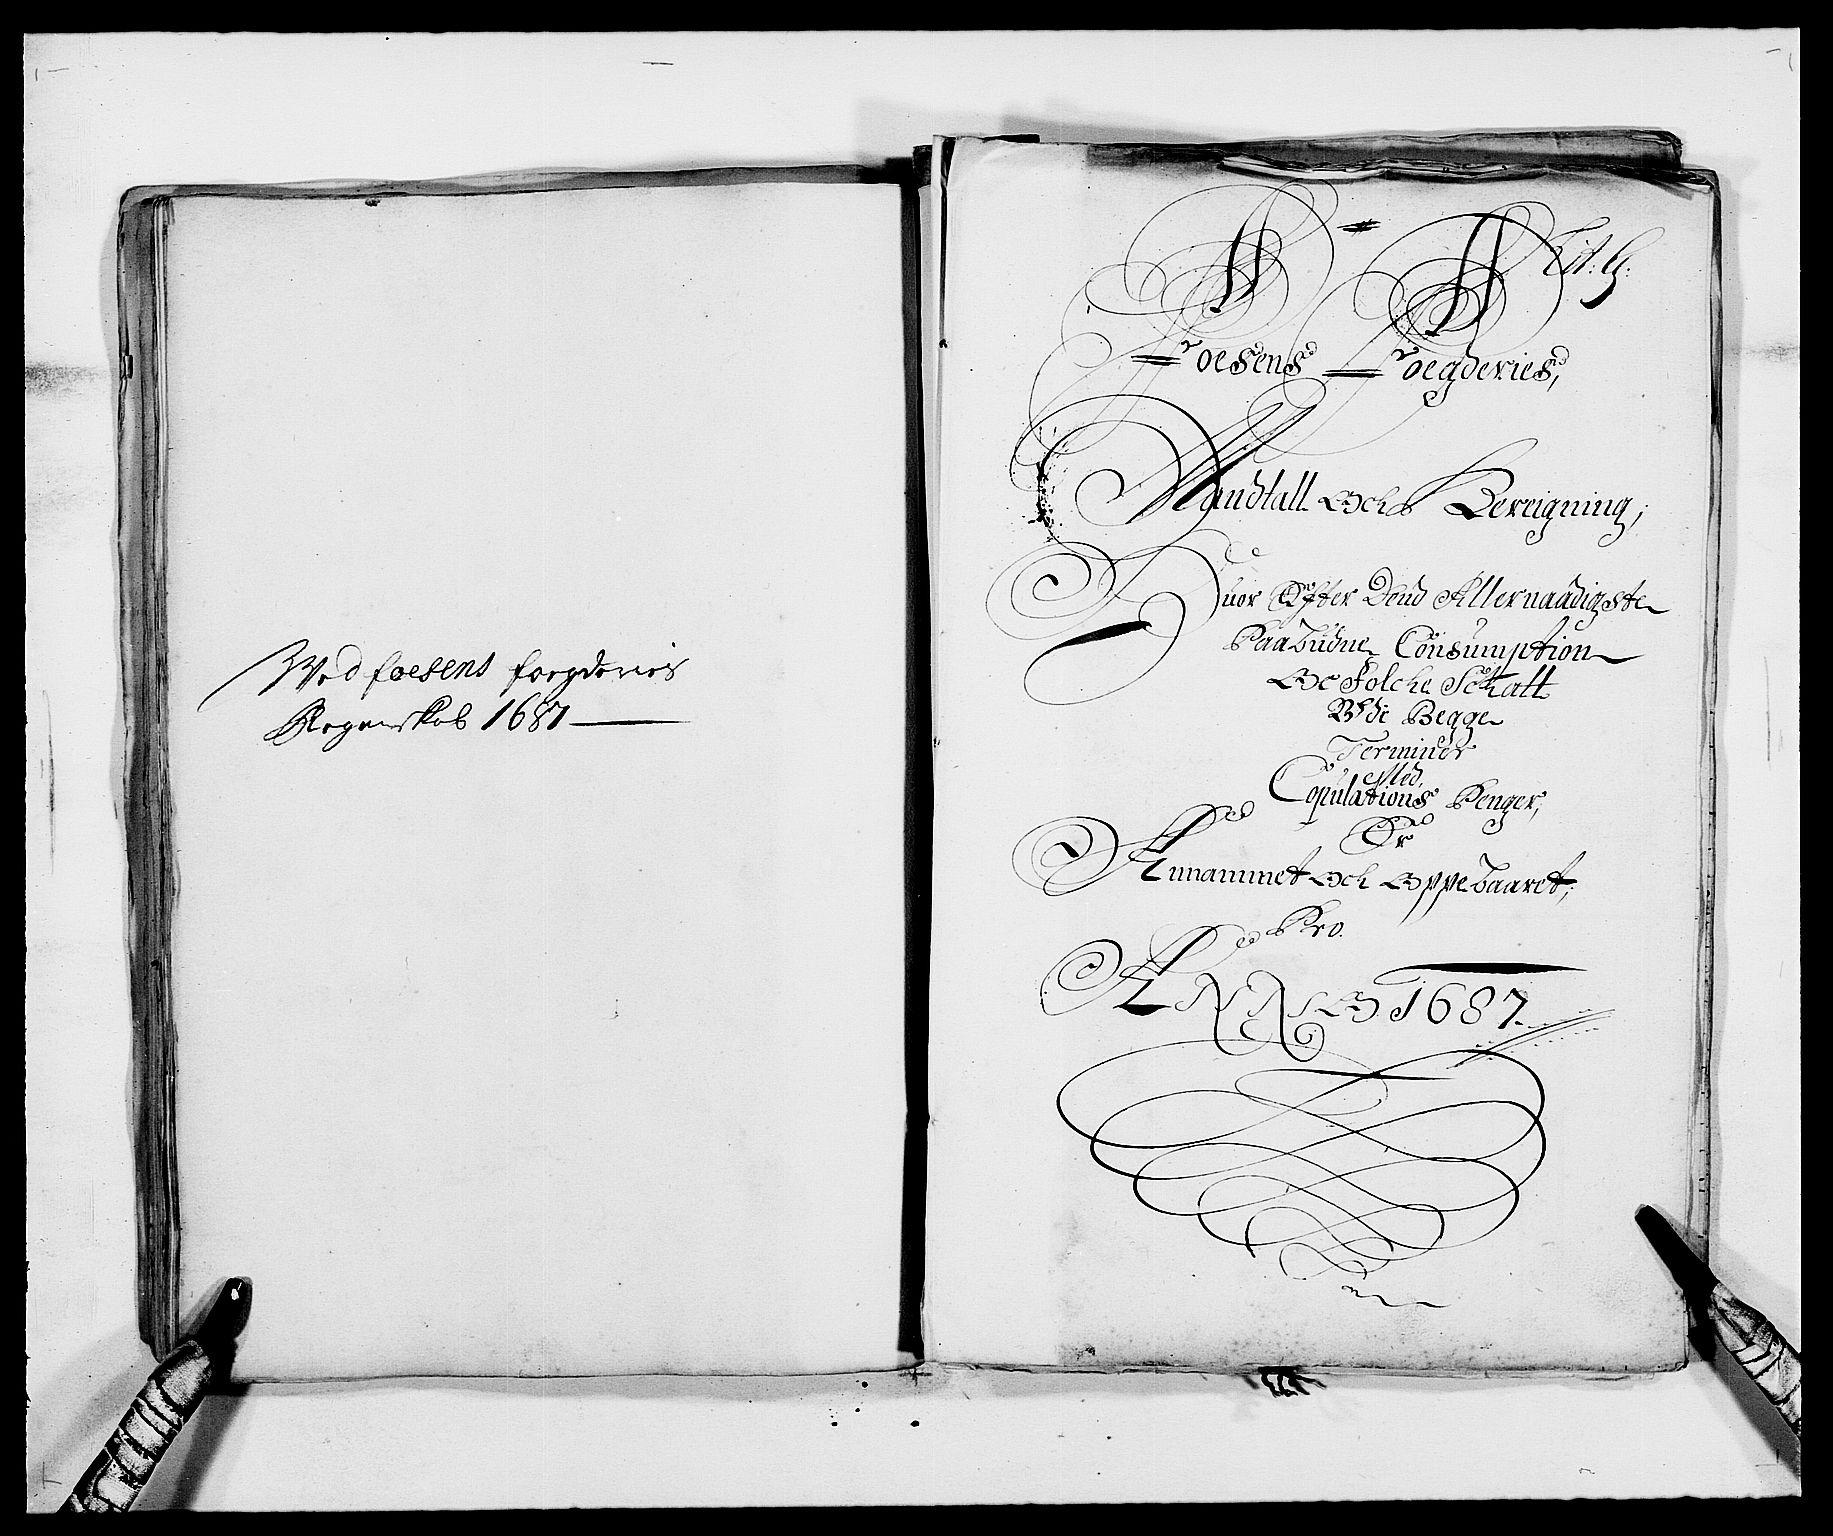 RA, Rentekammeret inntil 1814, Reviderte regnskaper, Fogderegnskap, R57/L3845: Fogderegnskap Fosen, 1687, s. 68